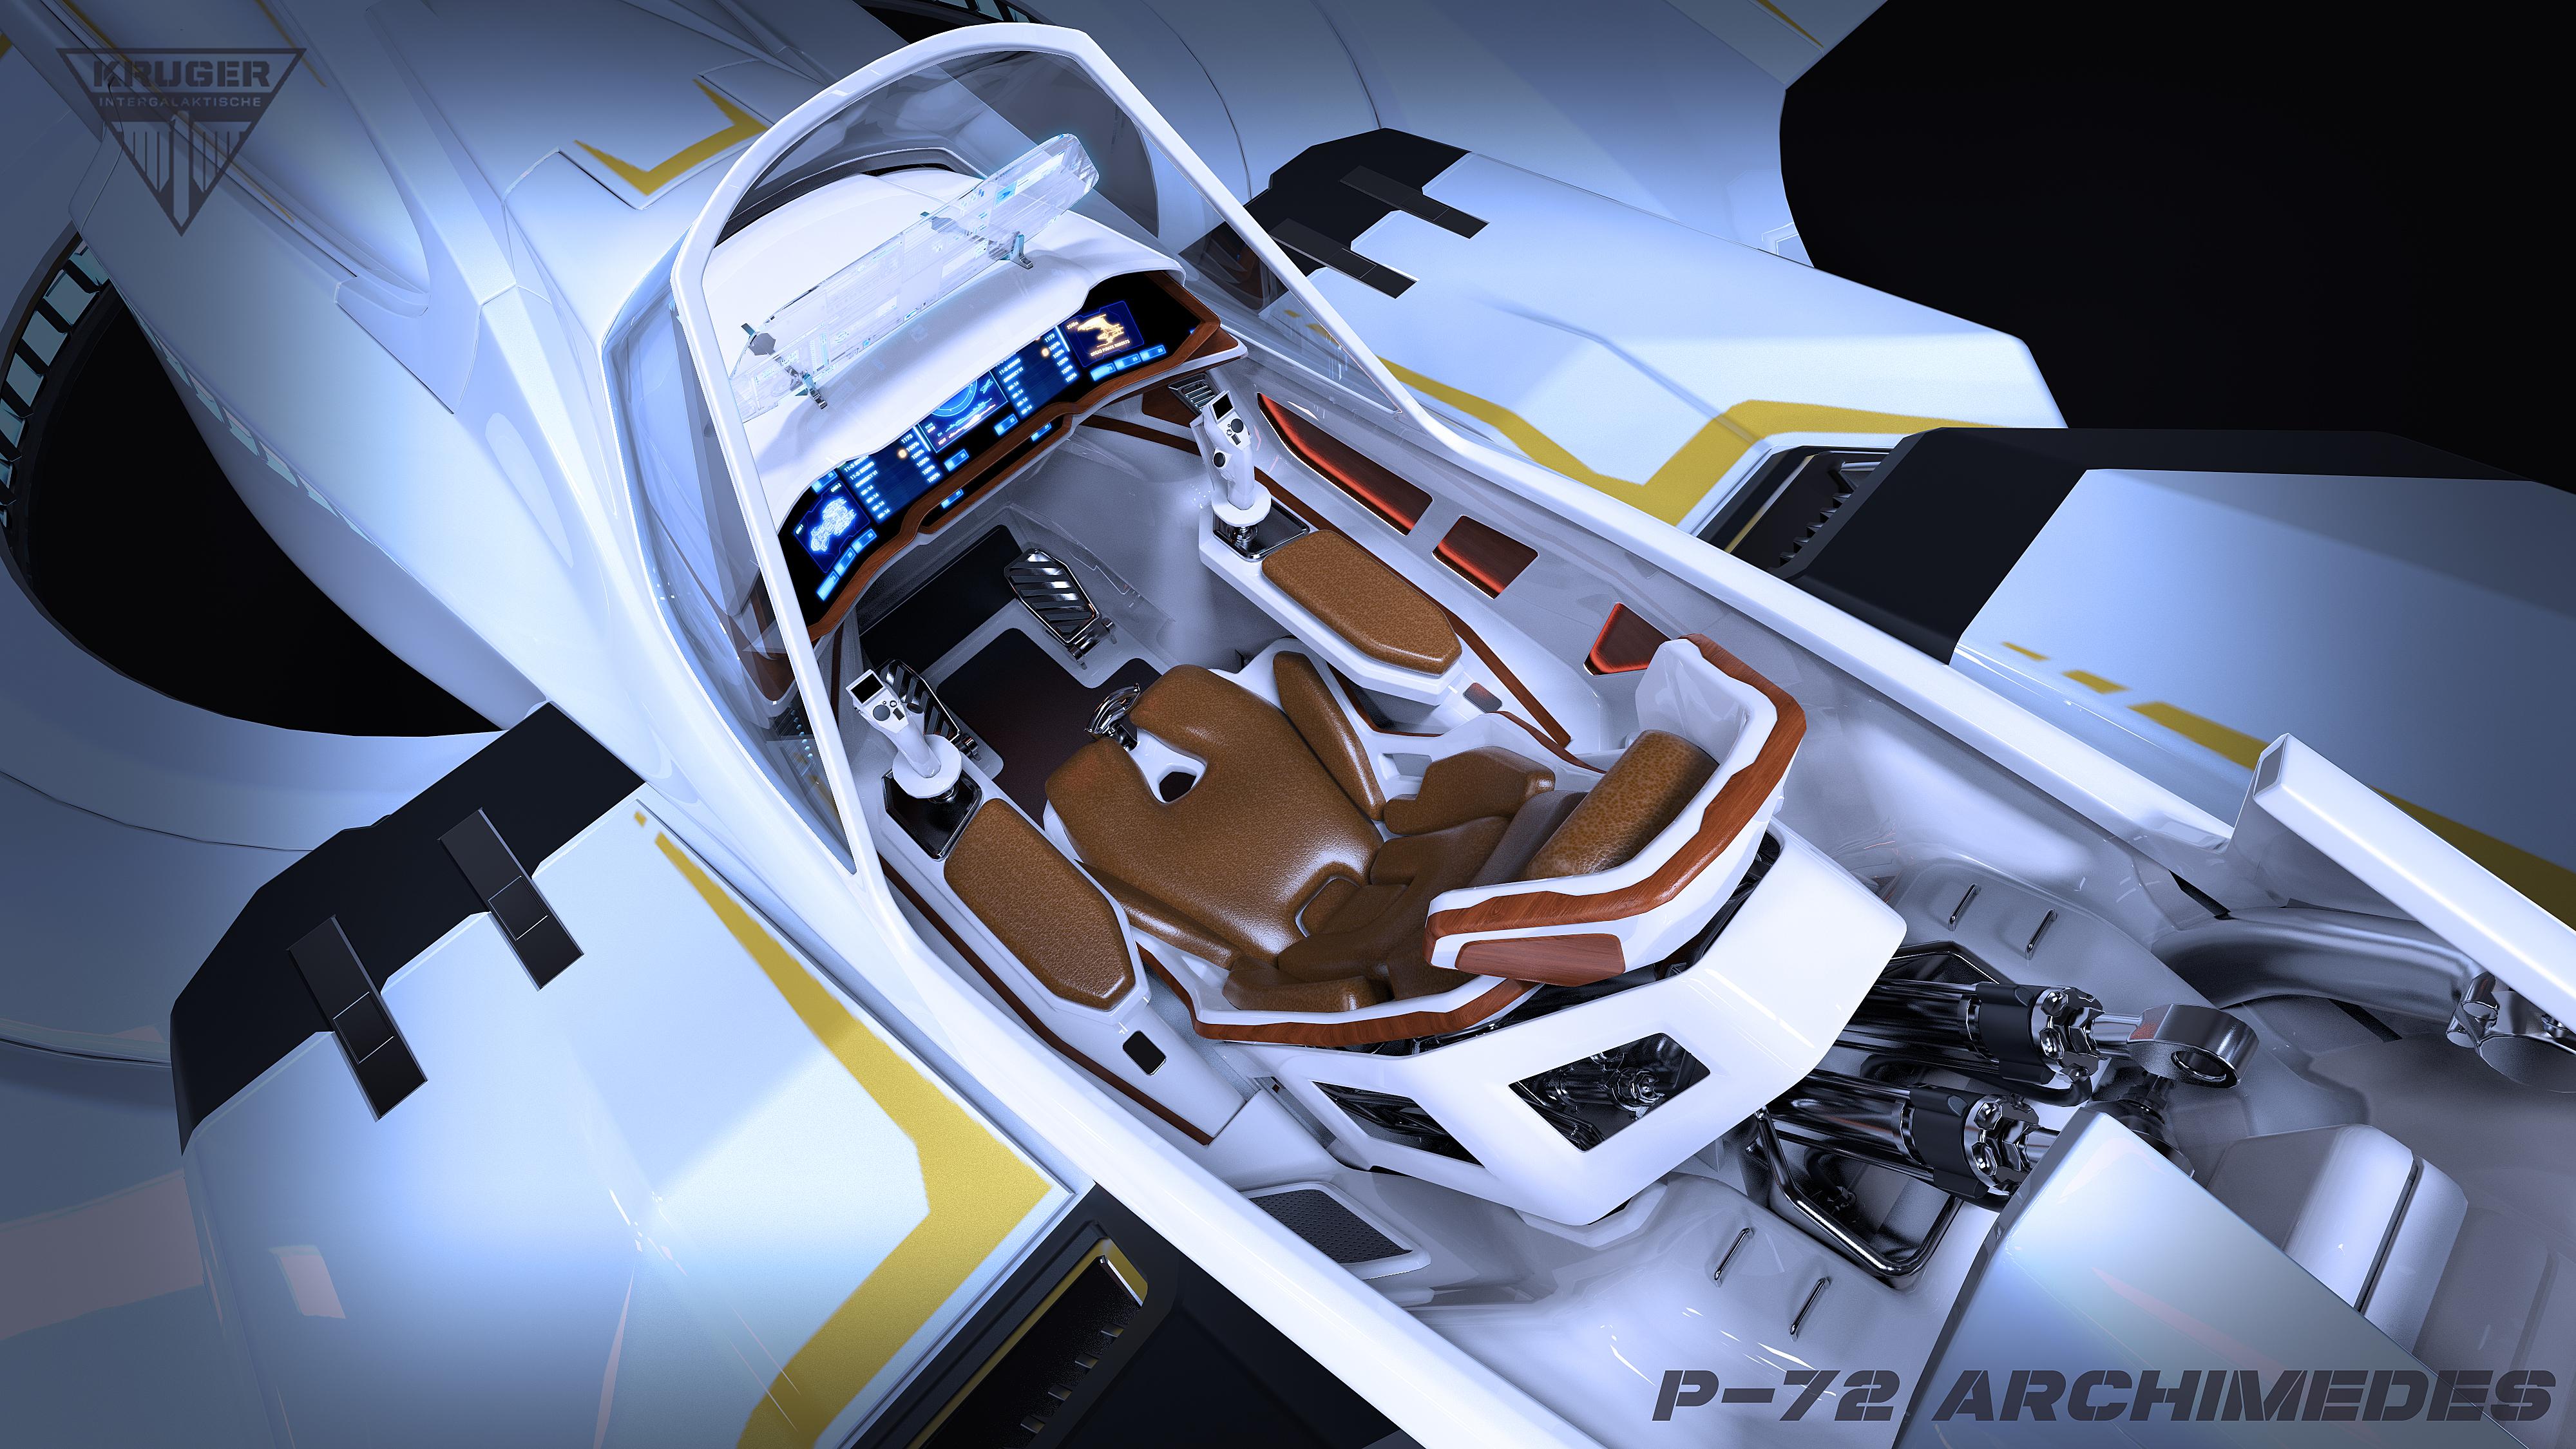 Archimedes_cockpit_back_01.jpg